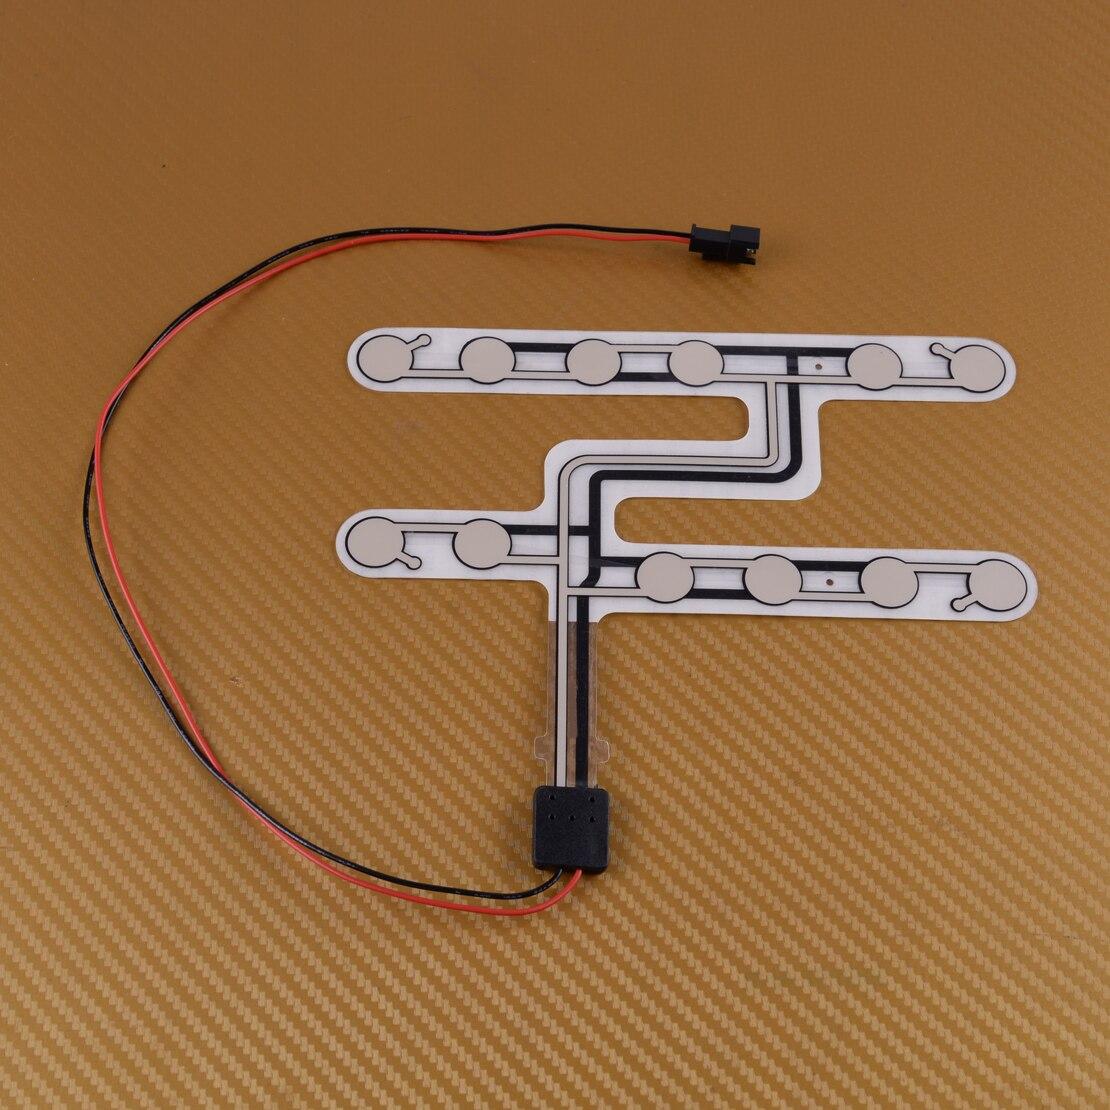 CITALL evrensel araba koltuğu basınç sensörü emniyet kemeri aksesuar uyarı hatırlatma Pad işgal oturmuş Alarm